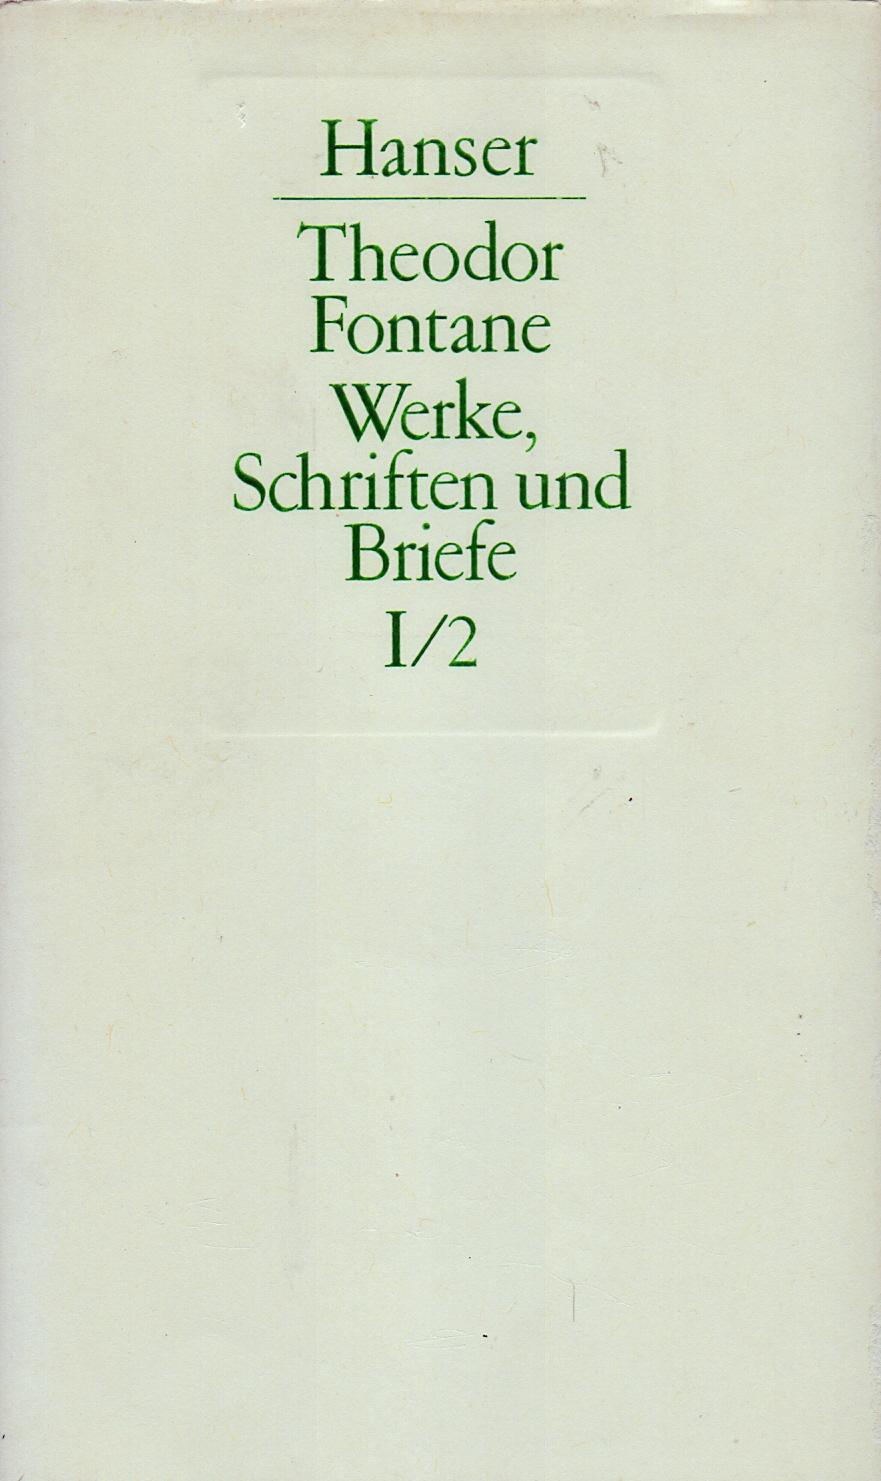 Theodor Fontane: Werke, Schriften und Briefe / Sämtliche Romane, Erzählungen, Gedichte, Nachgelassenes - Abteilung 1 / 2